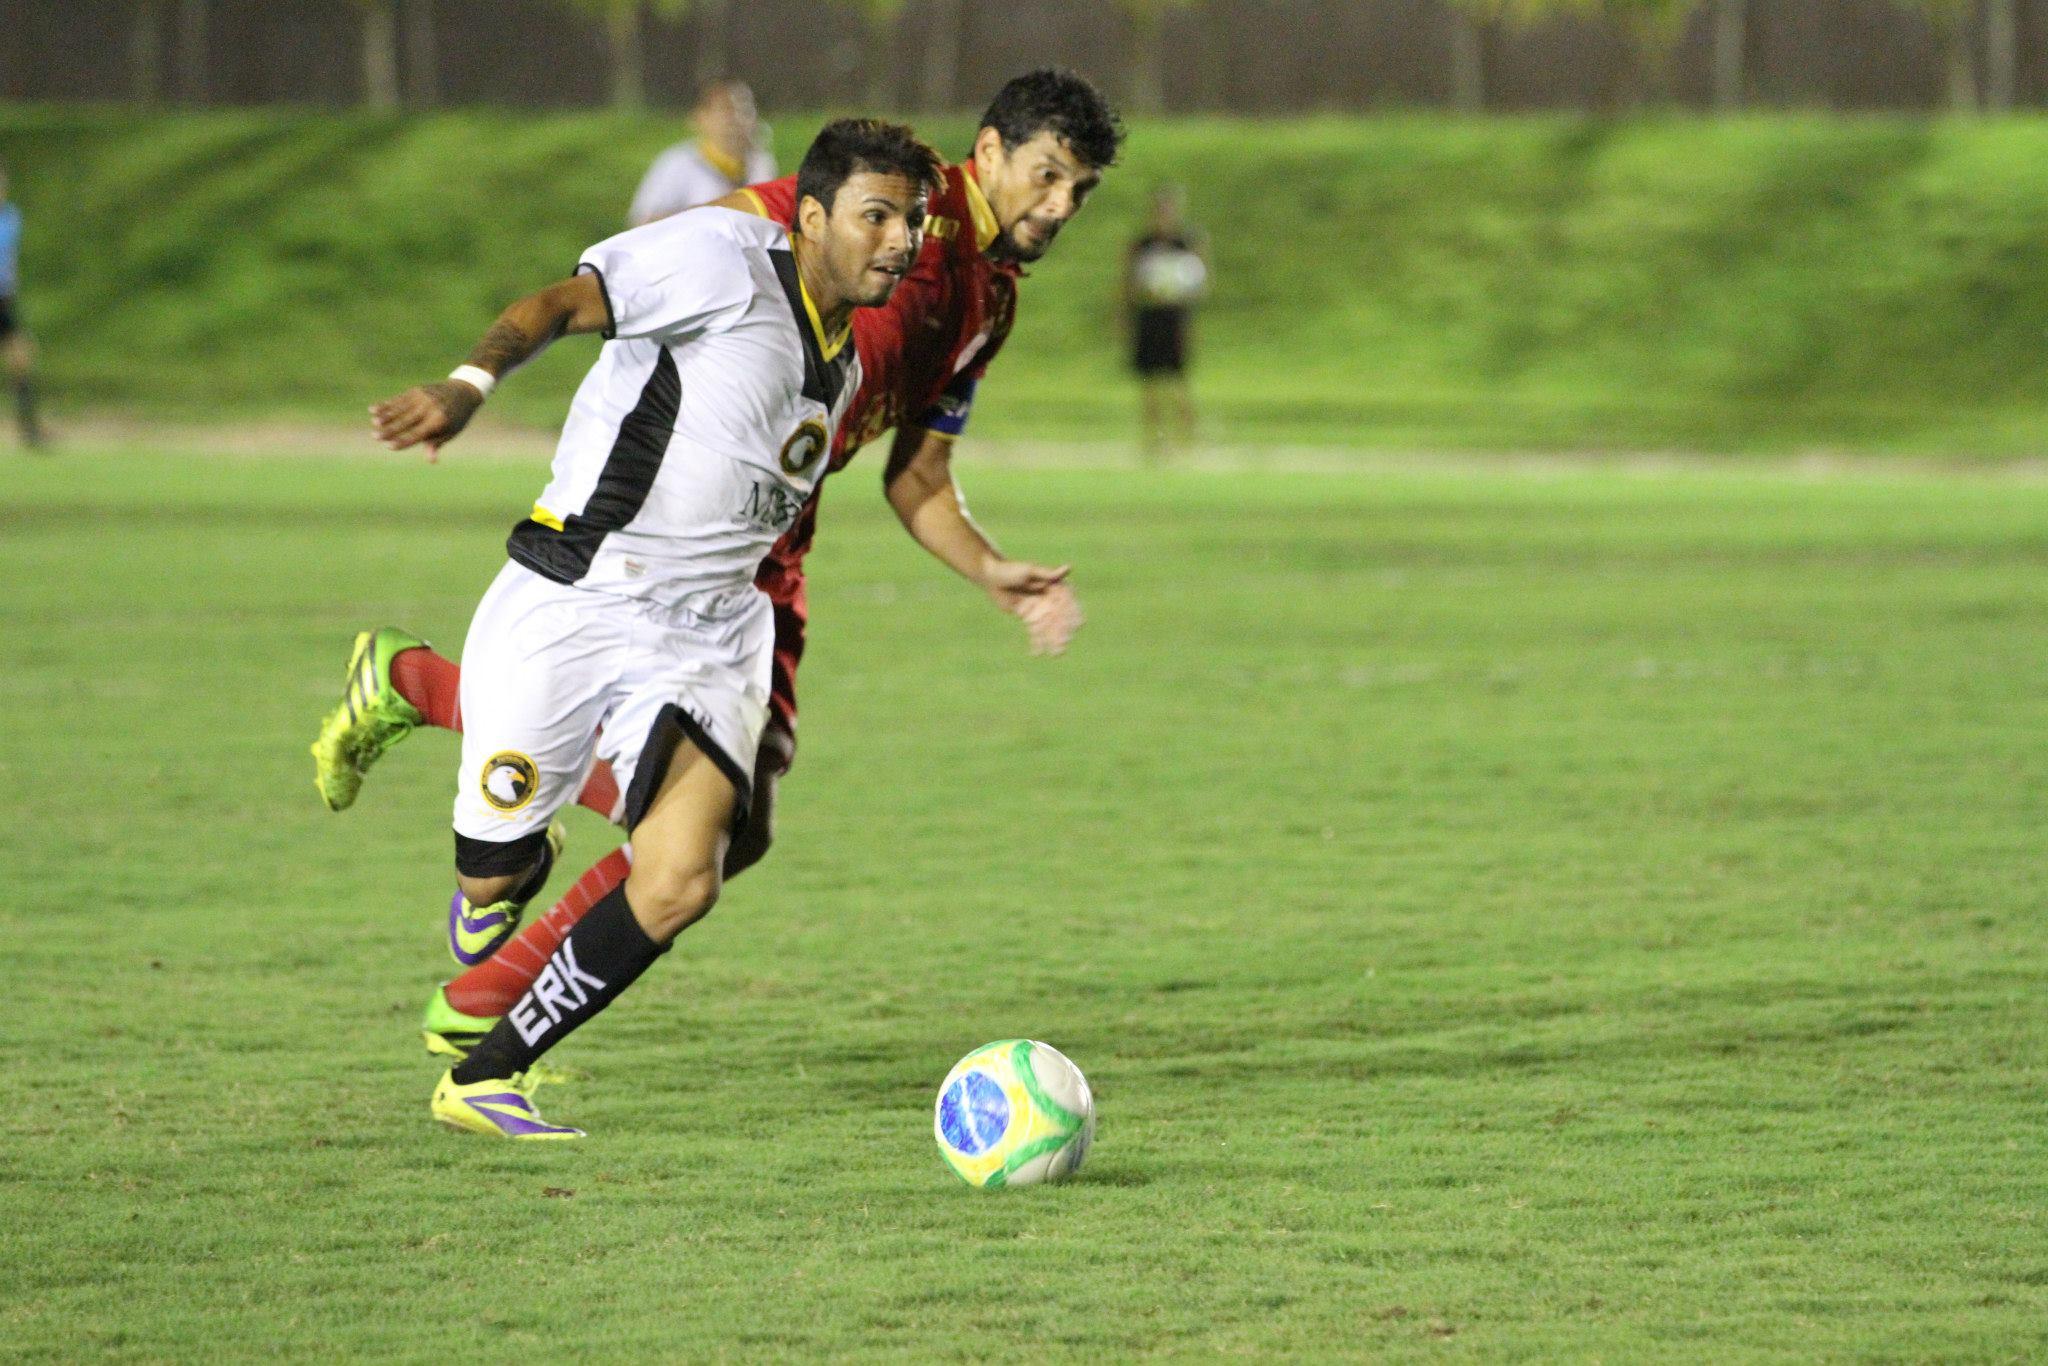 Técnico mexe bem no time e Globo FC vence Treze por 2 a 0 no ... - Globo.com